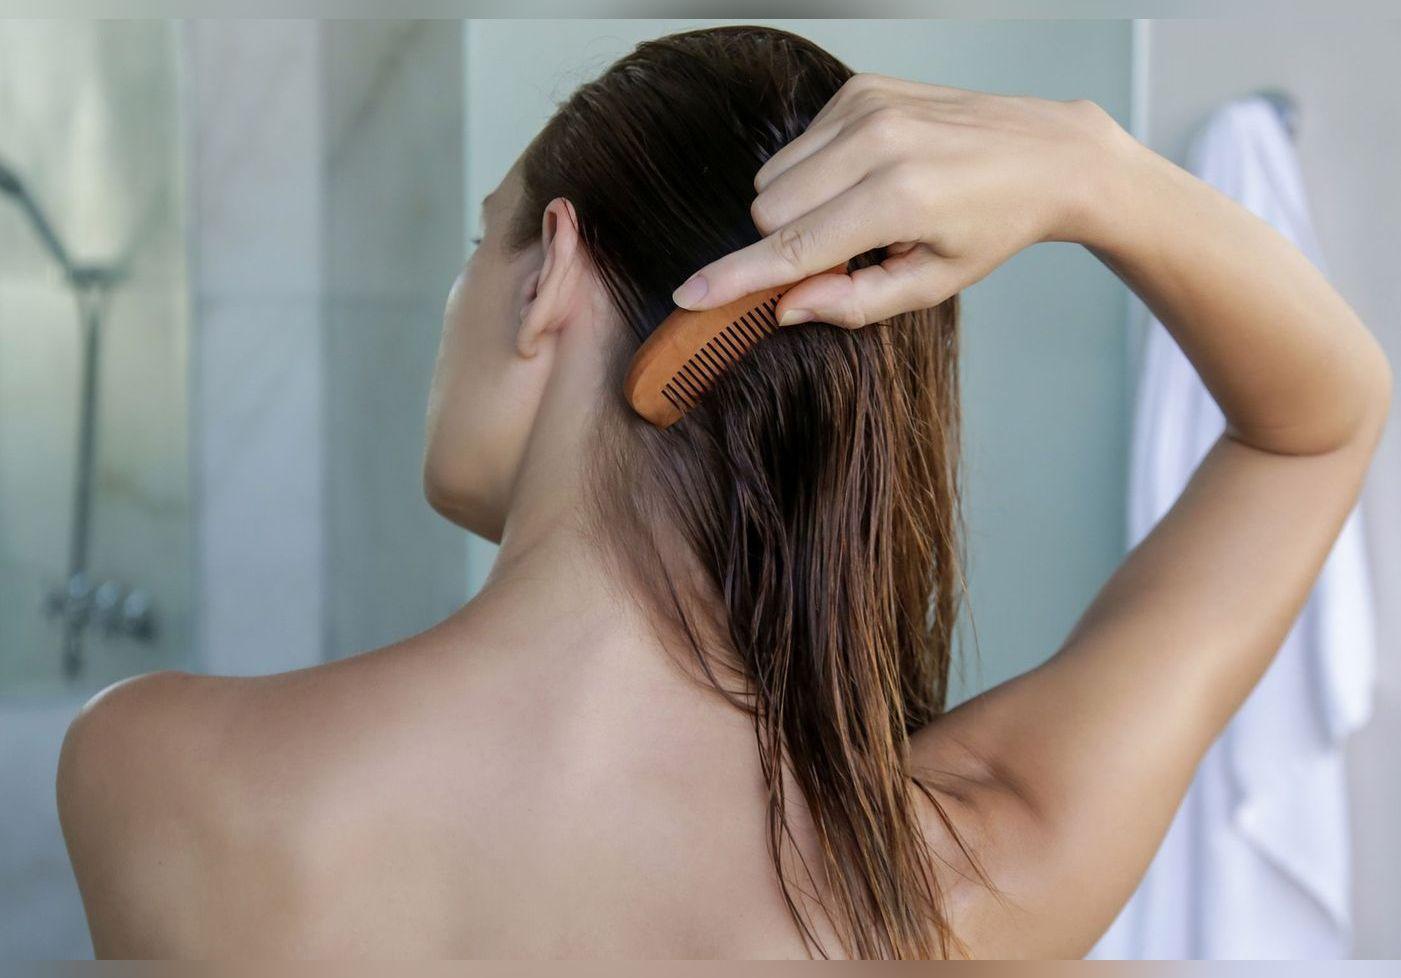 Cheveux secs et ternes : on a trouvé un spray naturel à la kératine végétale qui les rend doux et brillants